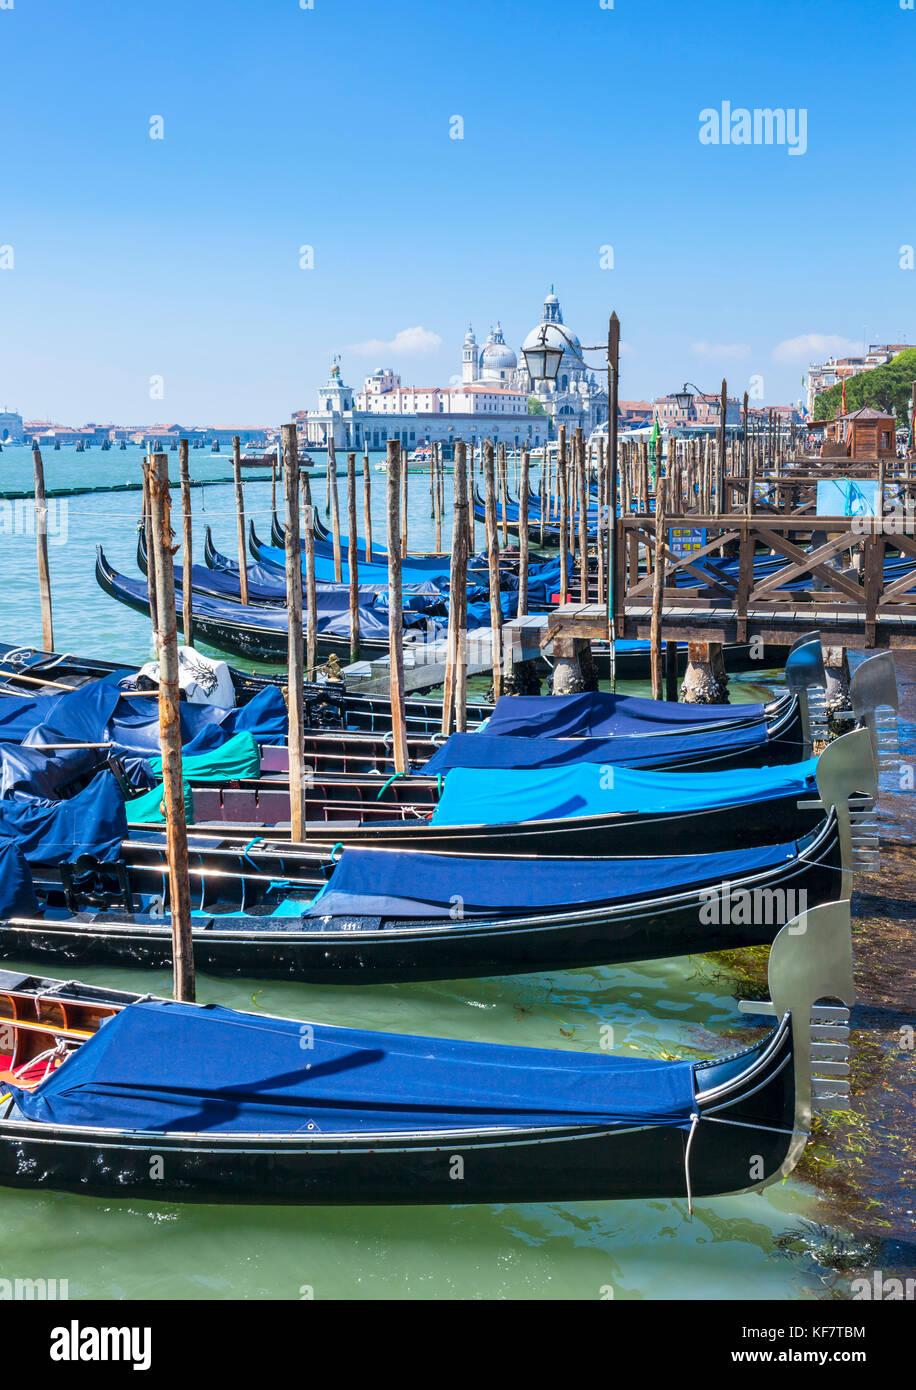 Italy venice italy moored gondolas on the Grand Canal Venice Riva degli Schiavoni Venice italy eu europe Stock Photo